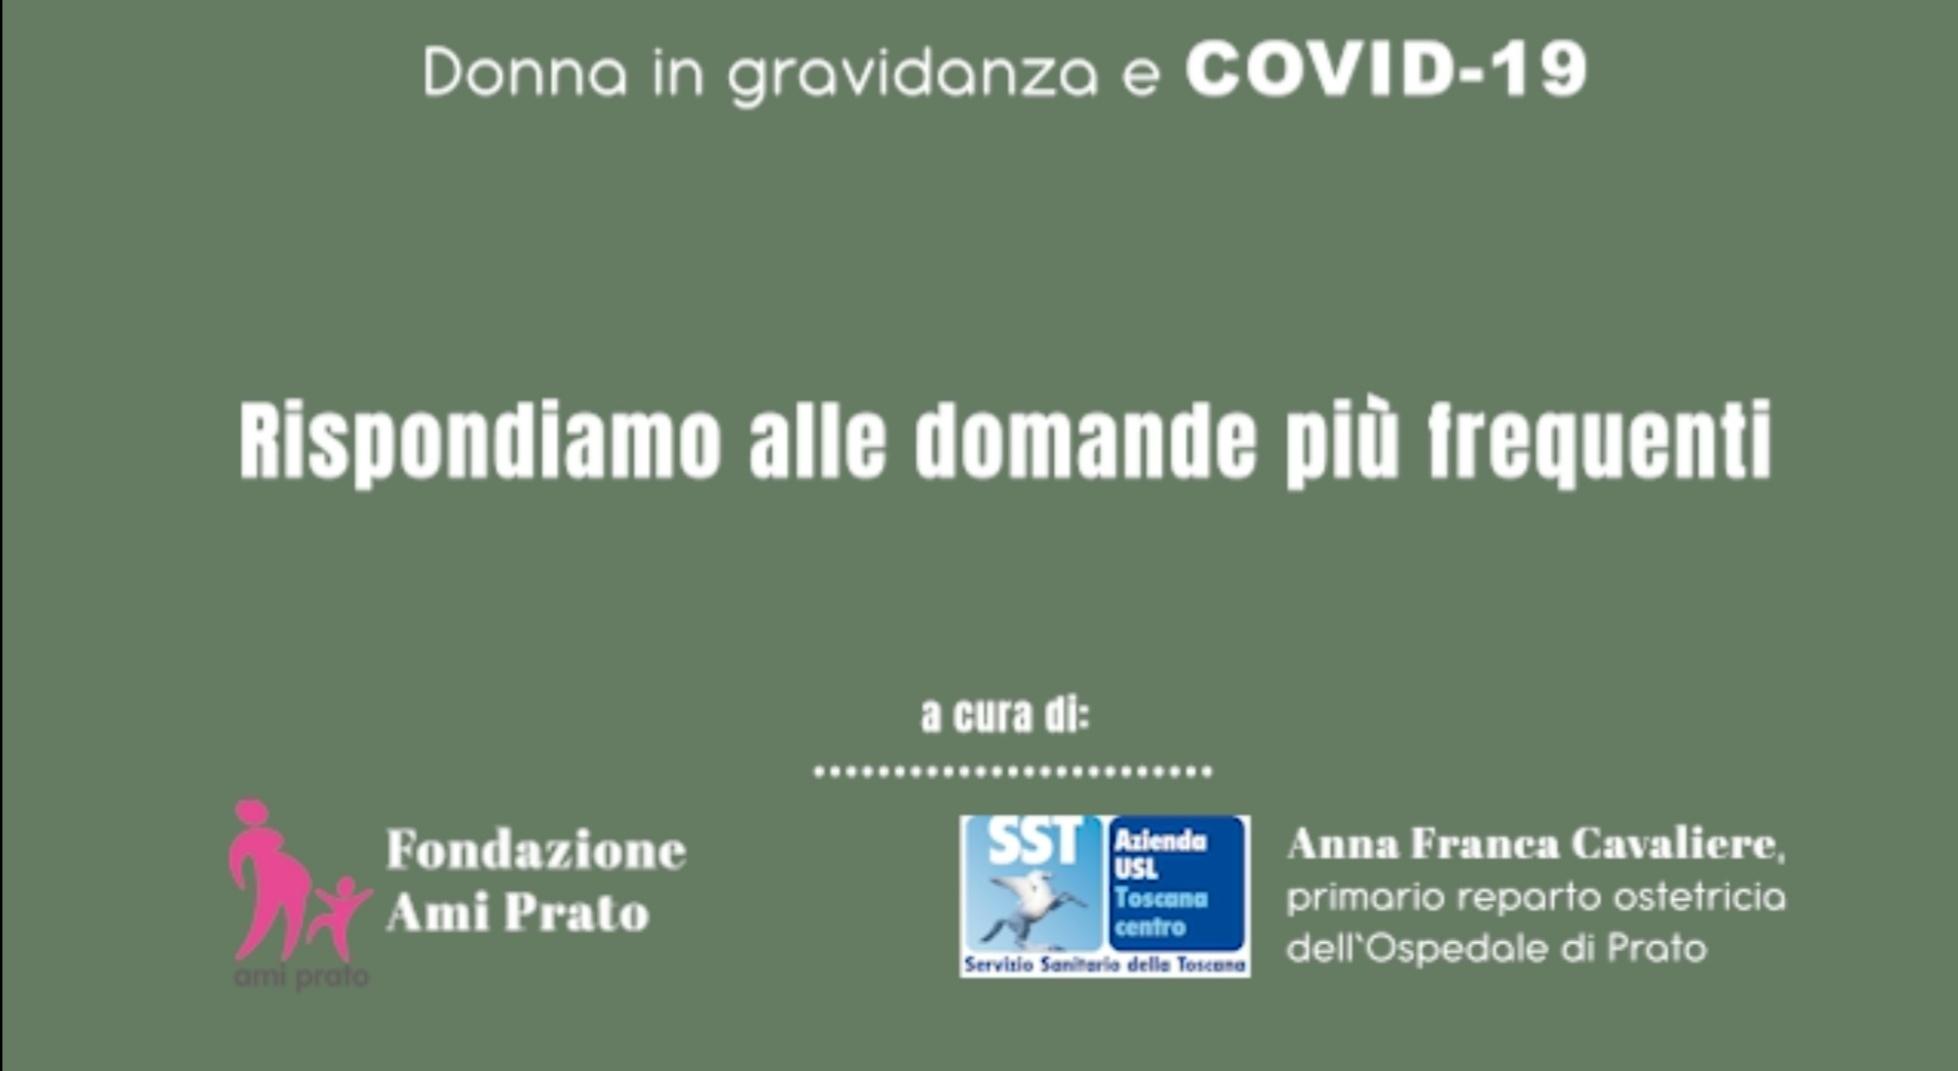 Donne in gravidanza e Covid-19